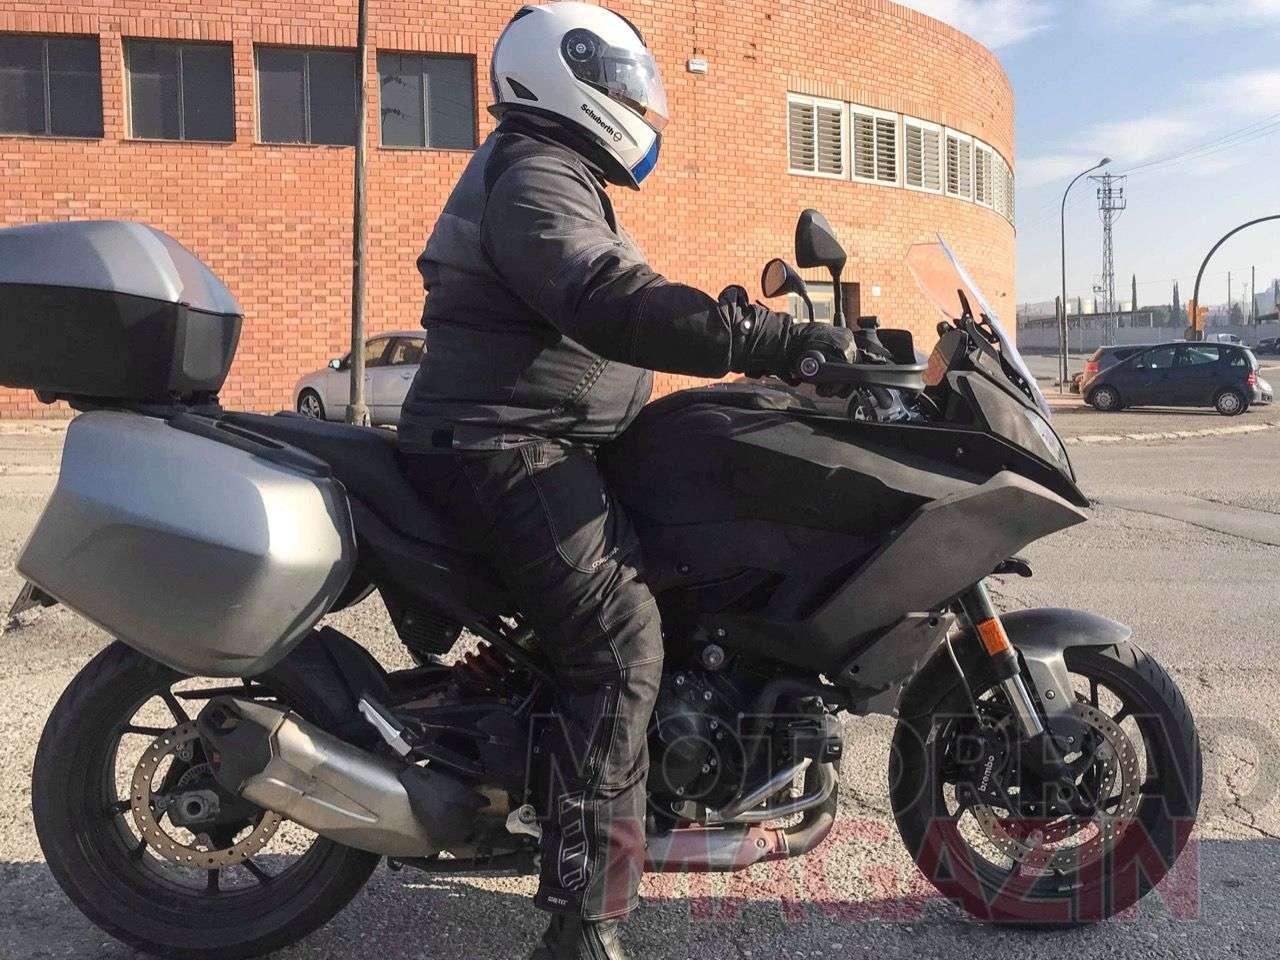 Prototyp eines neuen Mittelklasse-Sporttourers: Wahrscheinlich eine F 850 XR ... Foto © bmh-images.com